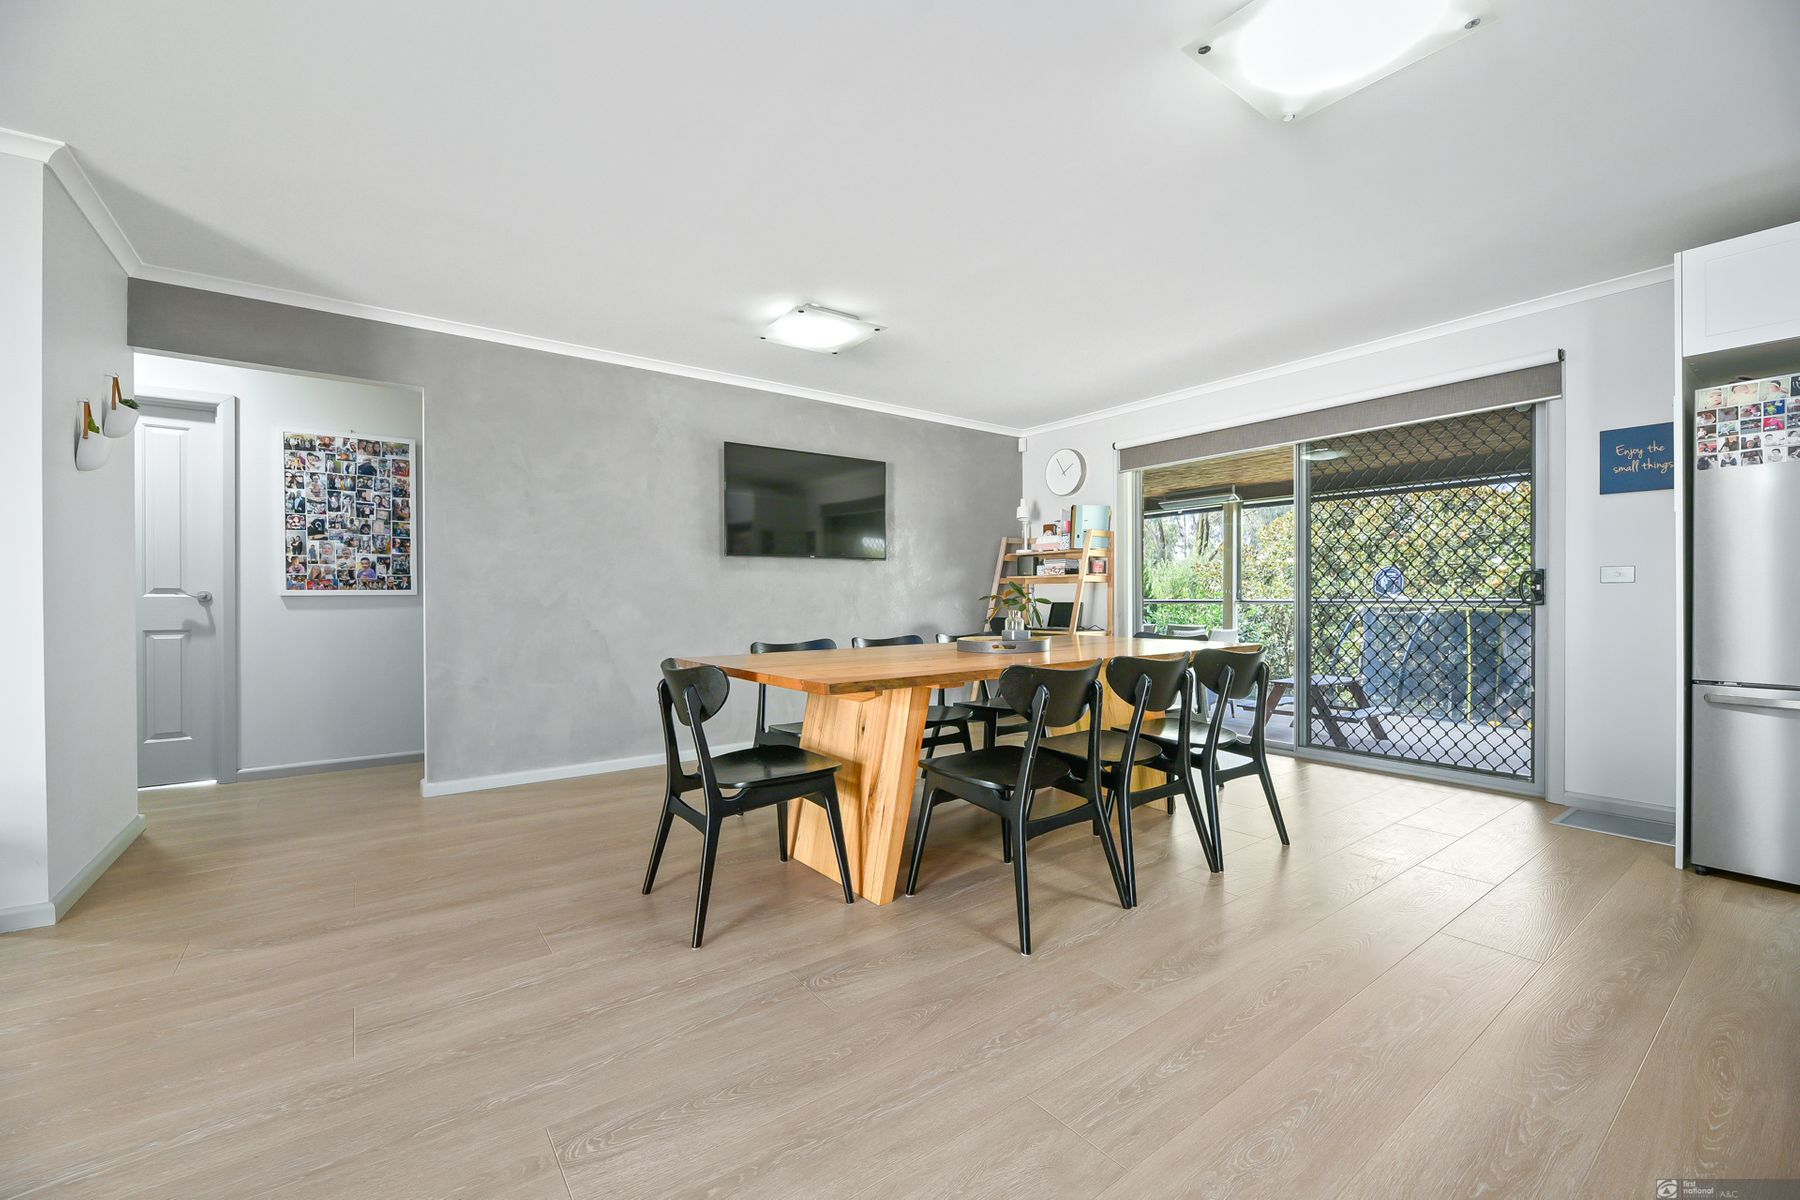 140 David Collins Drive, Endeavour Hills, VIC 3802